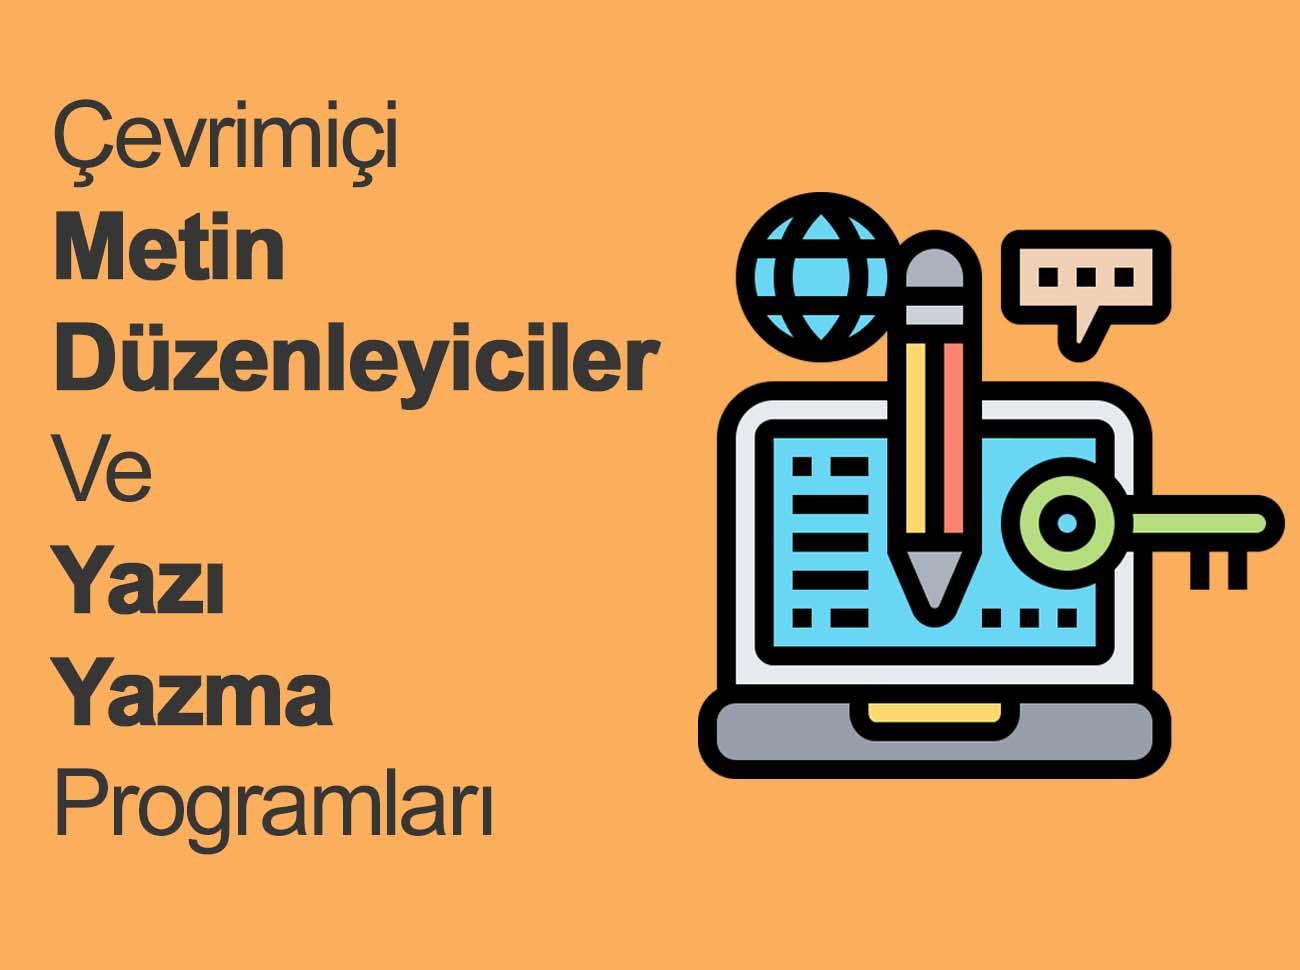 Çevrimiçi Metin Düzenleyiciler Ve Yazı Yazma Programları